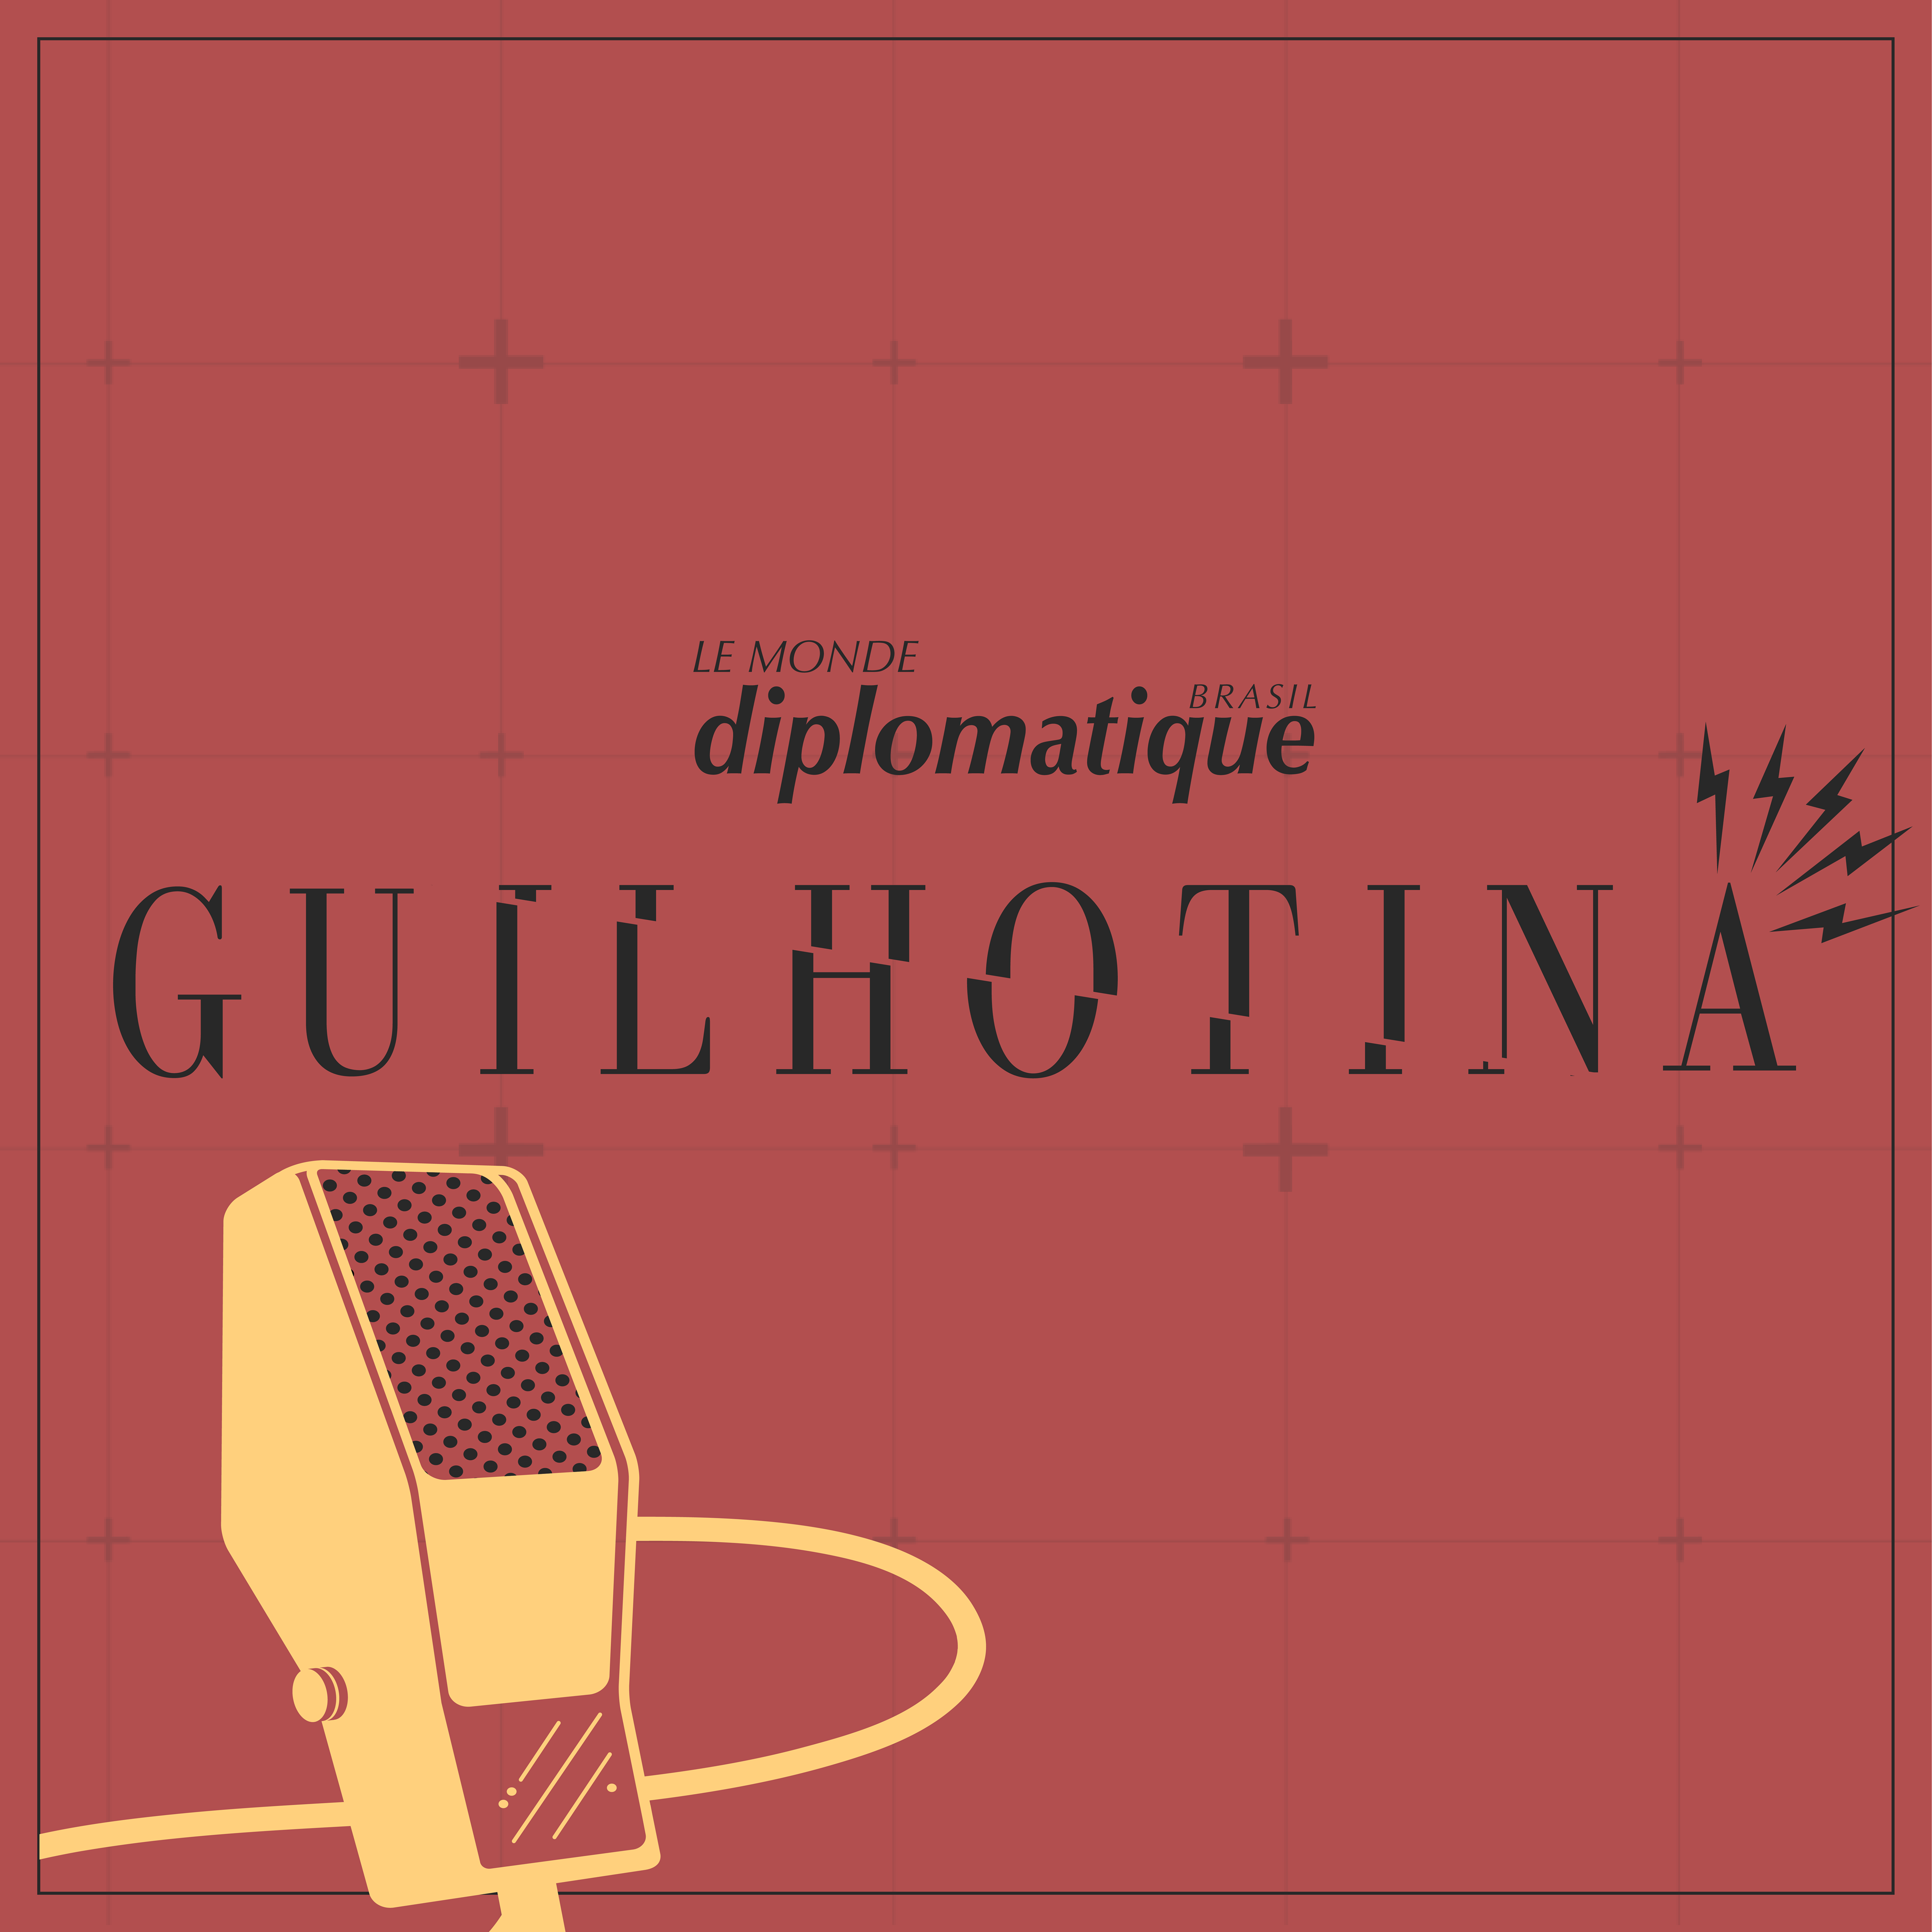 Guilhotina - O podcast do Le Monde Diplomatique Brasil